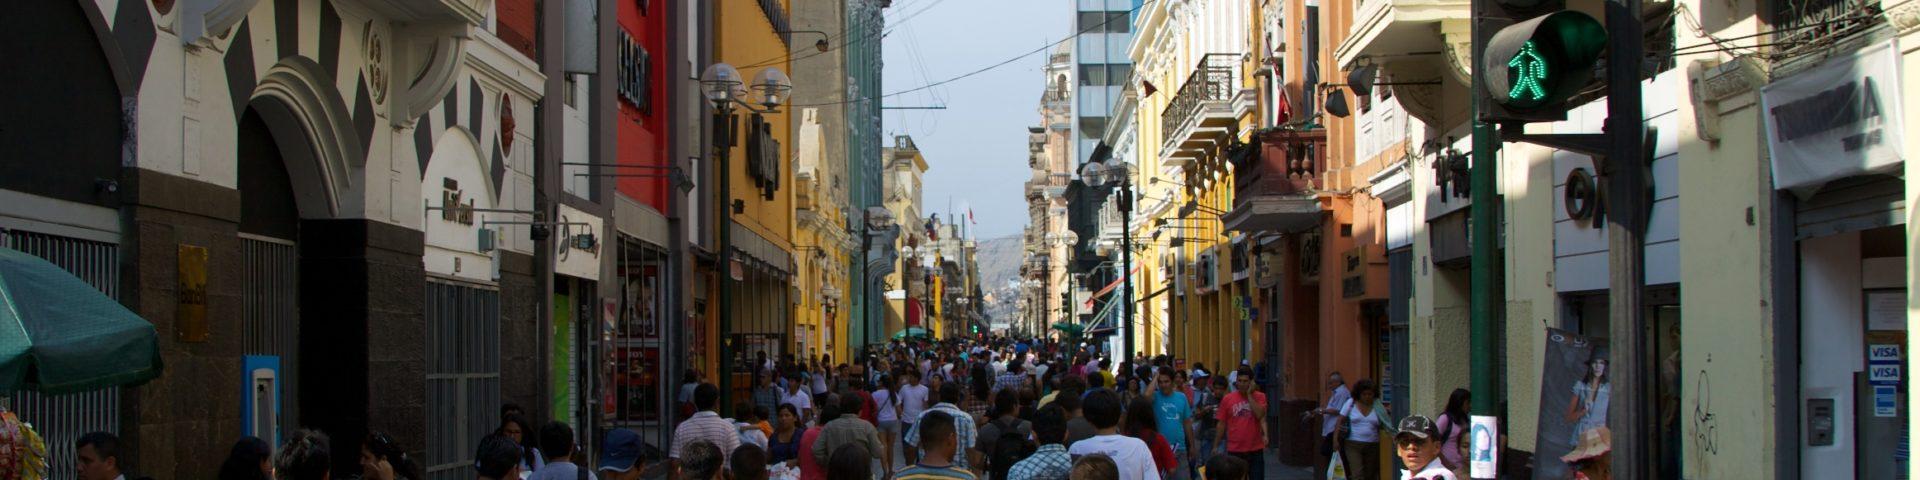 Гуляем по Перу